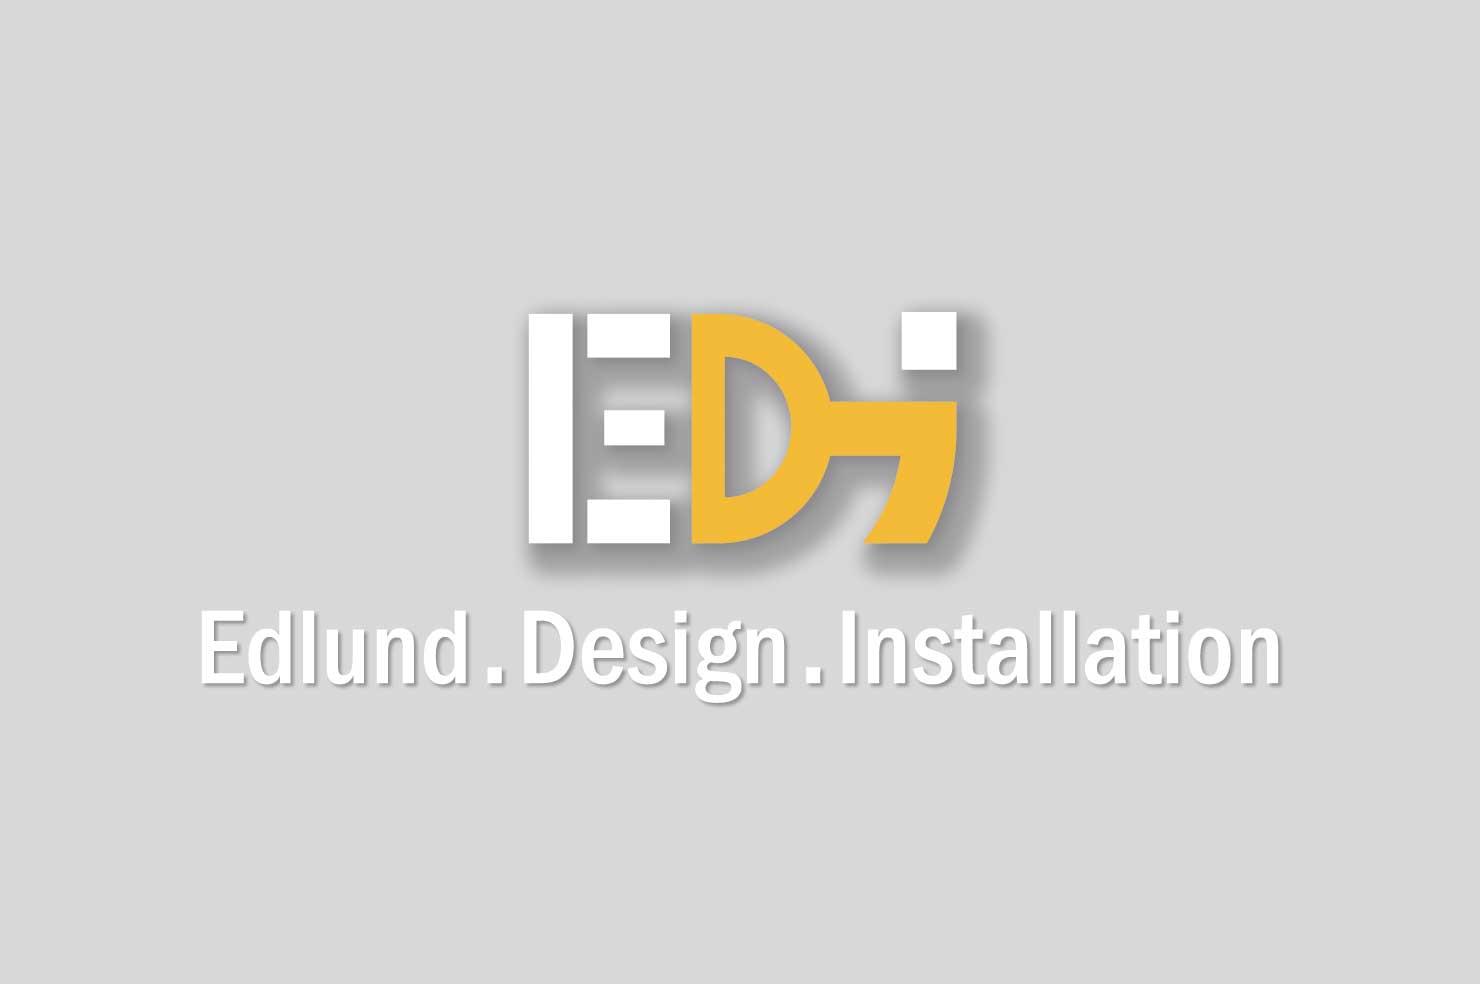 EDI Edlund Design Installation | Logo